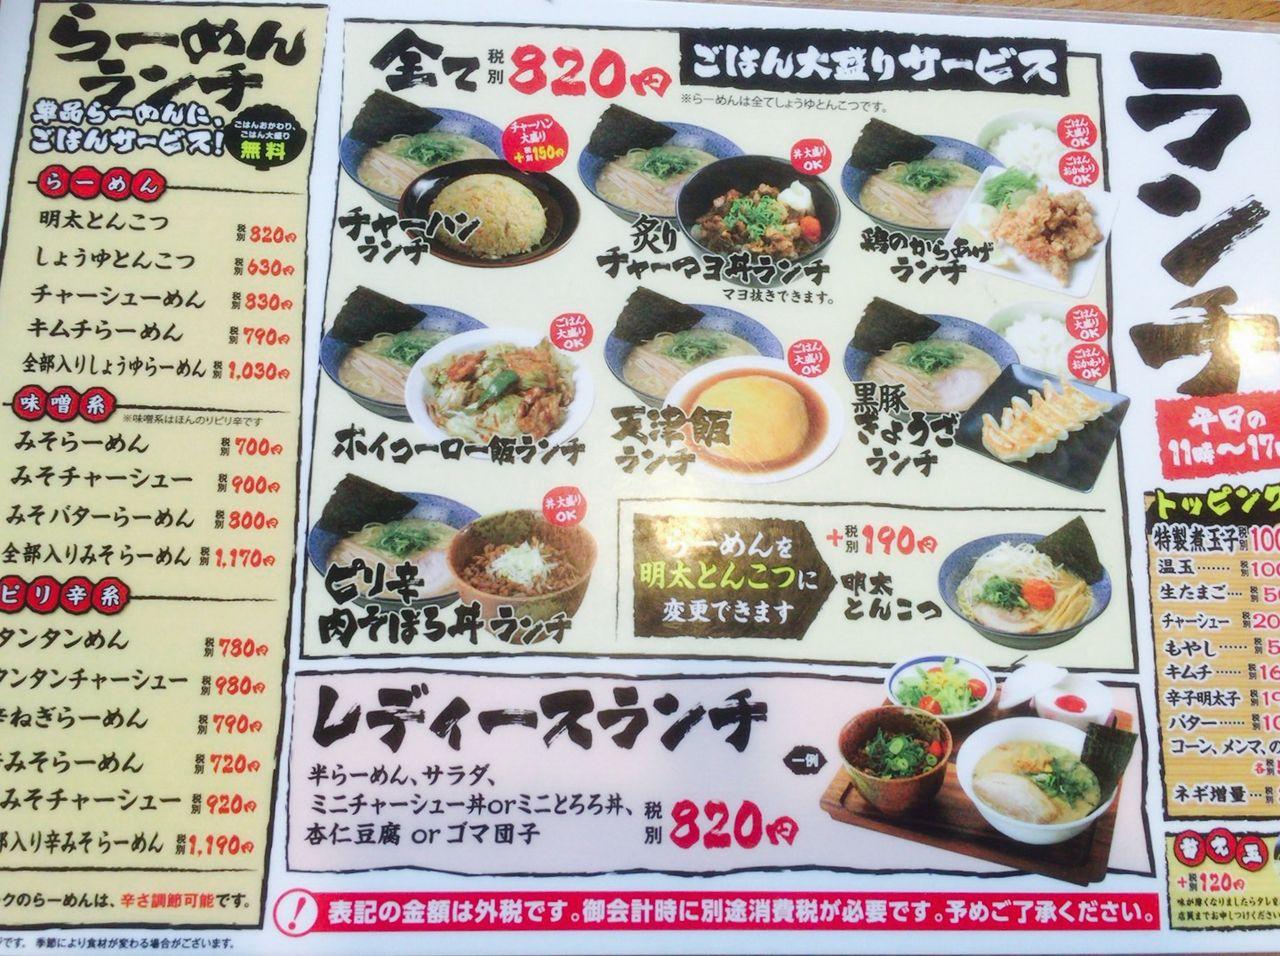 お得!サラリーランチブログ 東海  愛知県半田市のお得ランチがあるとんこつラーメン専門店 麺家一火コメント